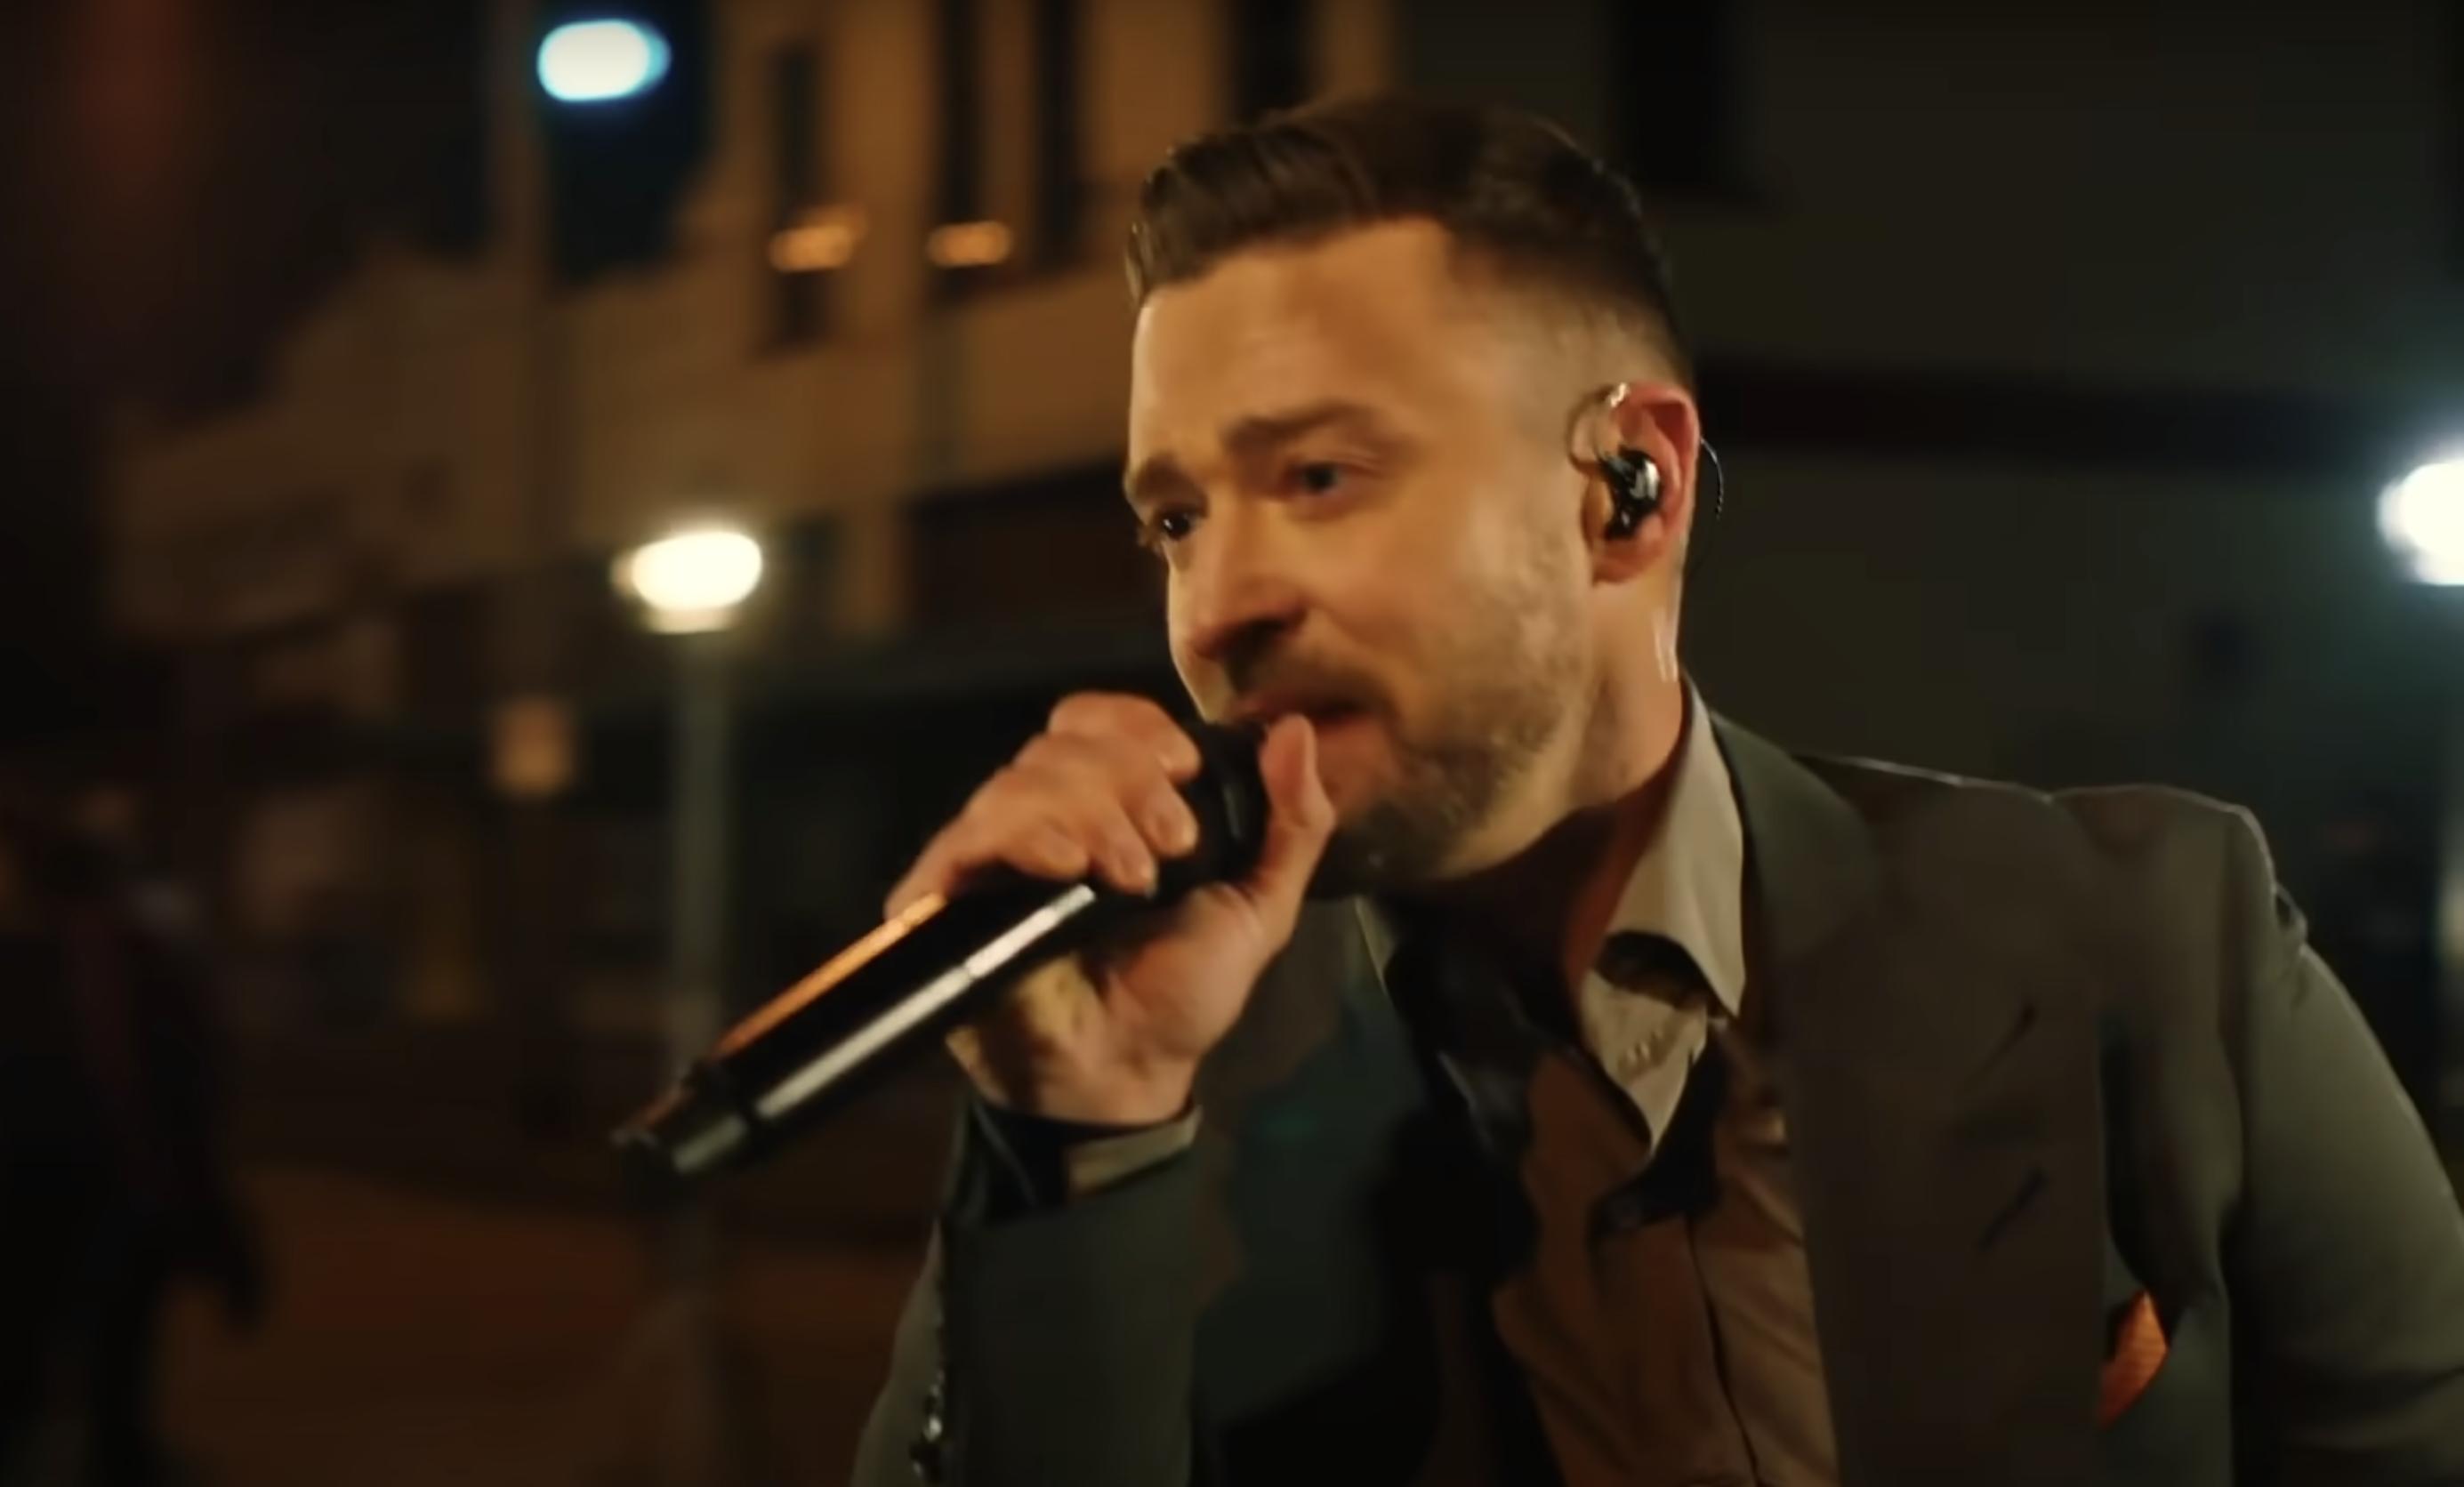 Bekijk de inauguratie-optredens van onder meer Justin Timberlake en John Legend